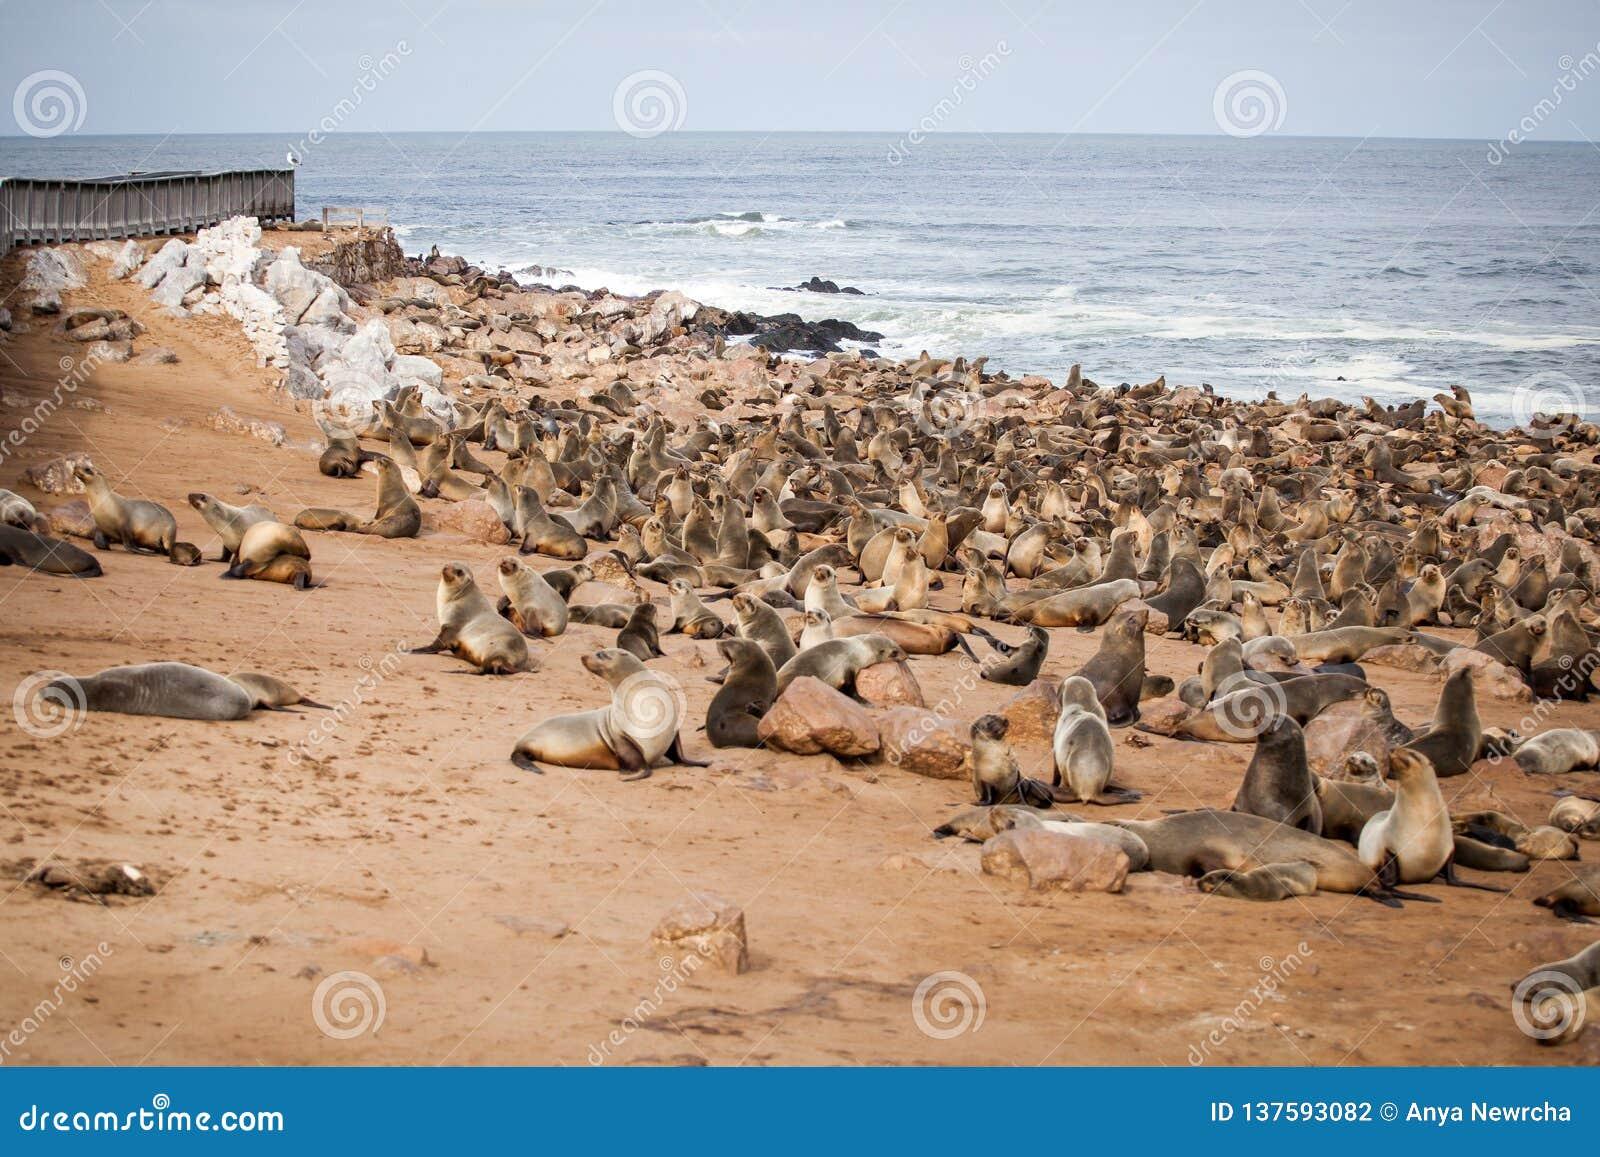 Selos dos leões de mar, Otariinae com filhotes de cachorro